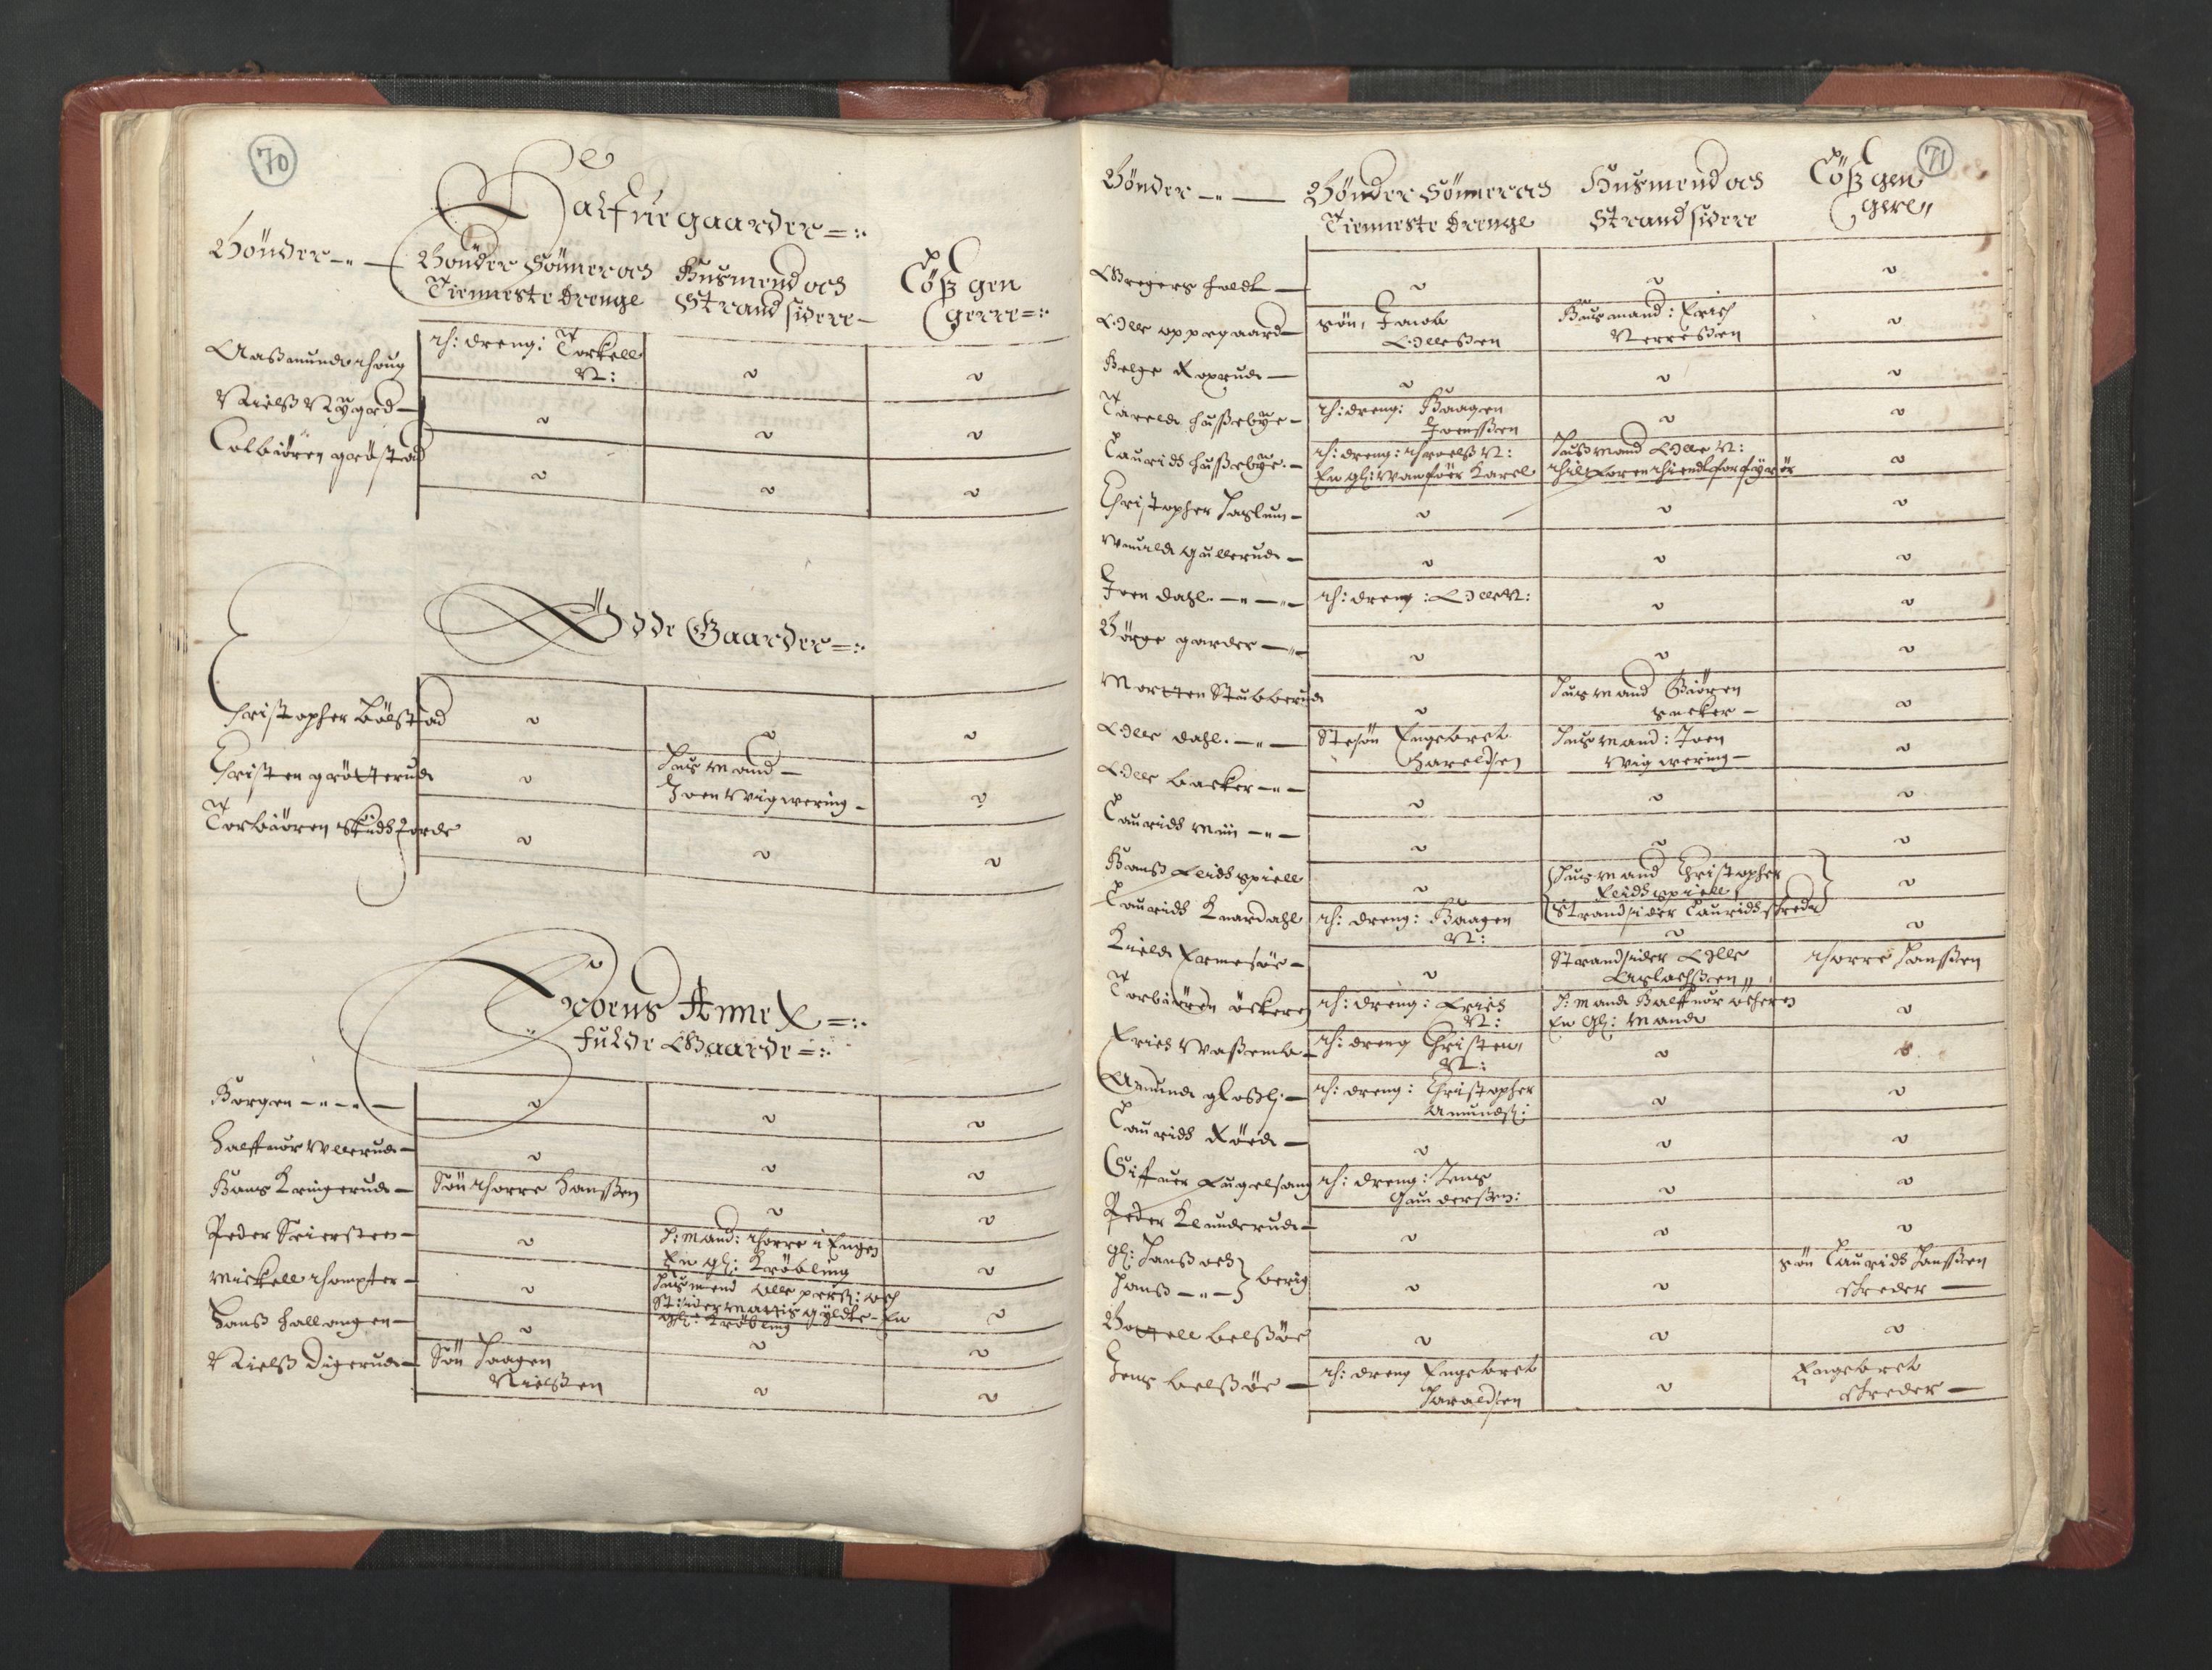 RA, Fogdenes og sorenskrivernes manntall 1664-1666, nr. 2: Aker fogderi, Follo fogderi, Nedre Romerike fogderi og Øvre Romerike fogderi, 1664, s. 70-71